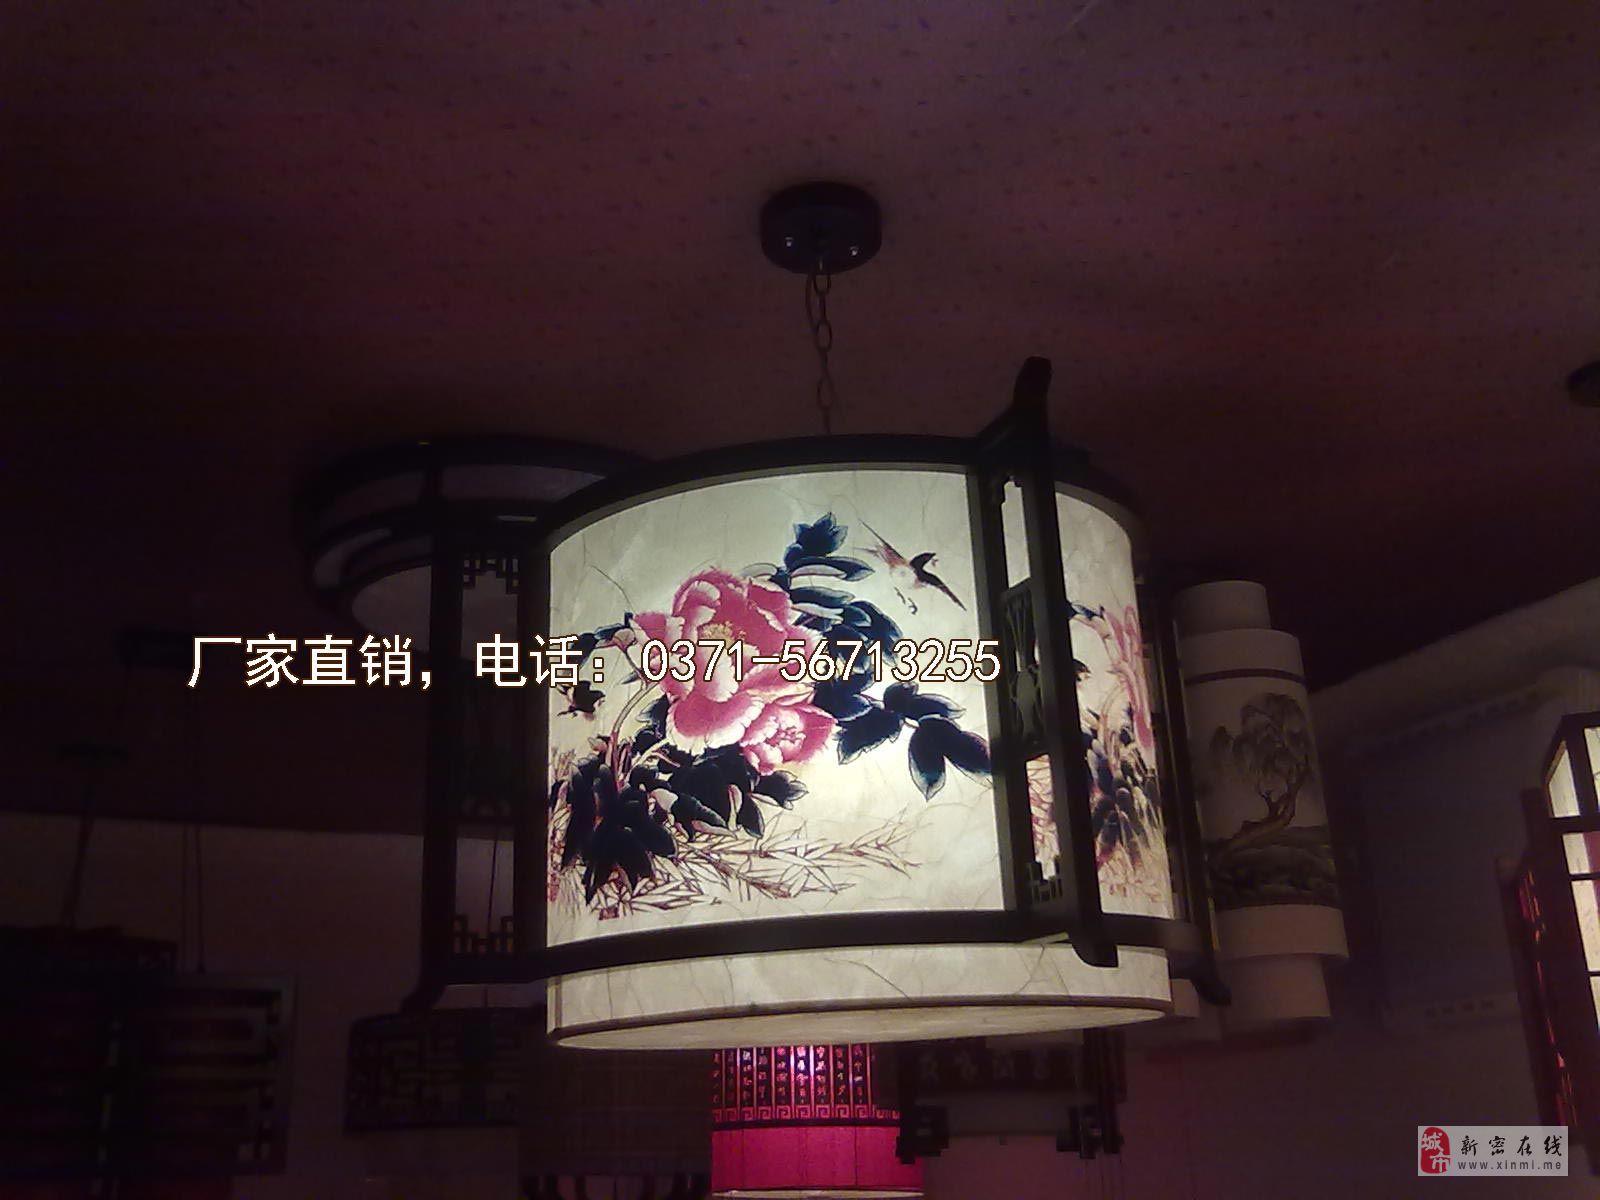 郑州仿古灯/酒店/宾馆/茶楼灯厂家